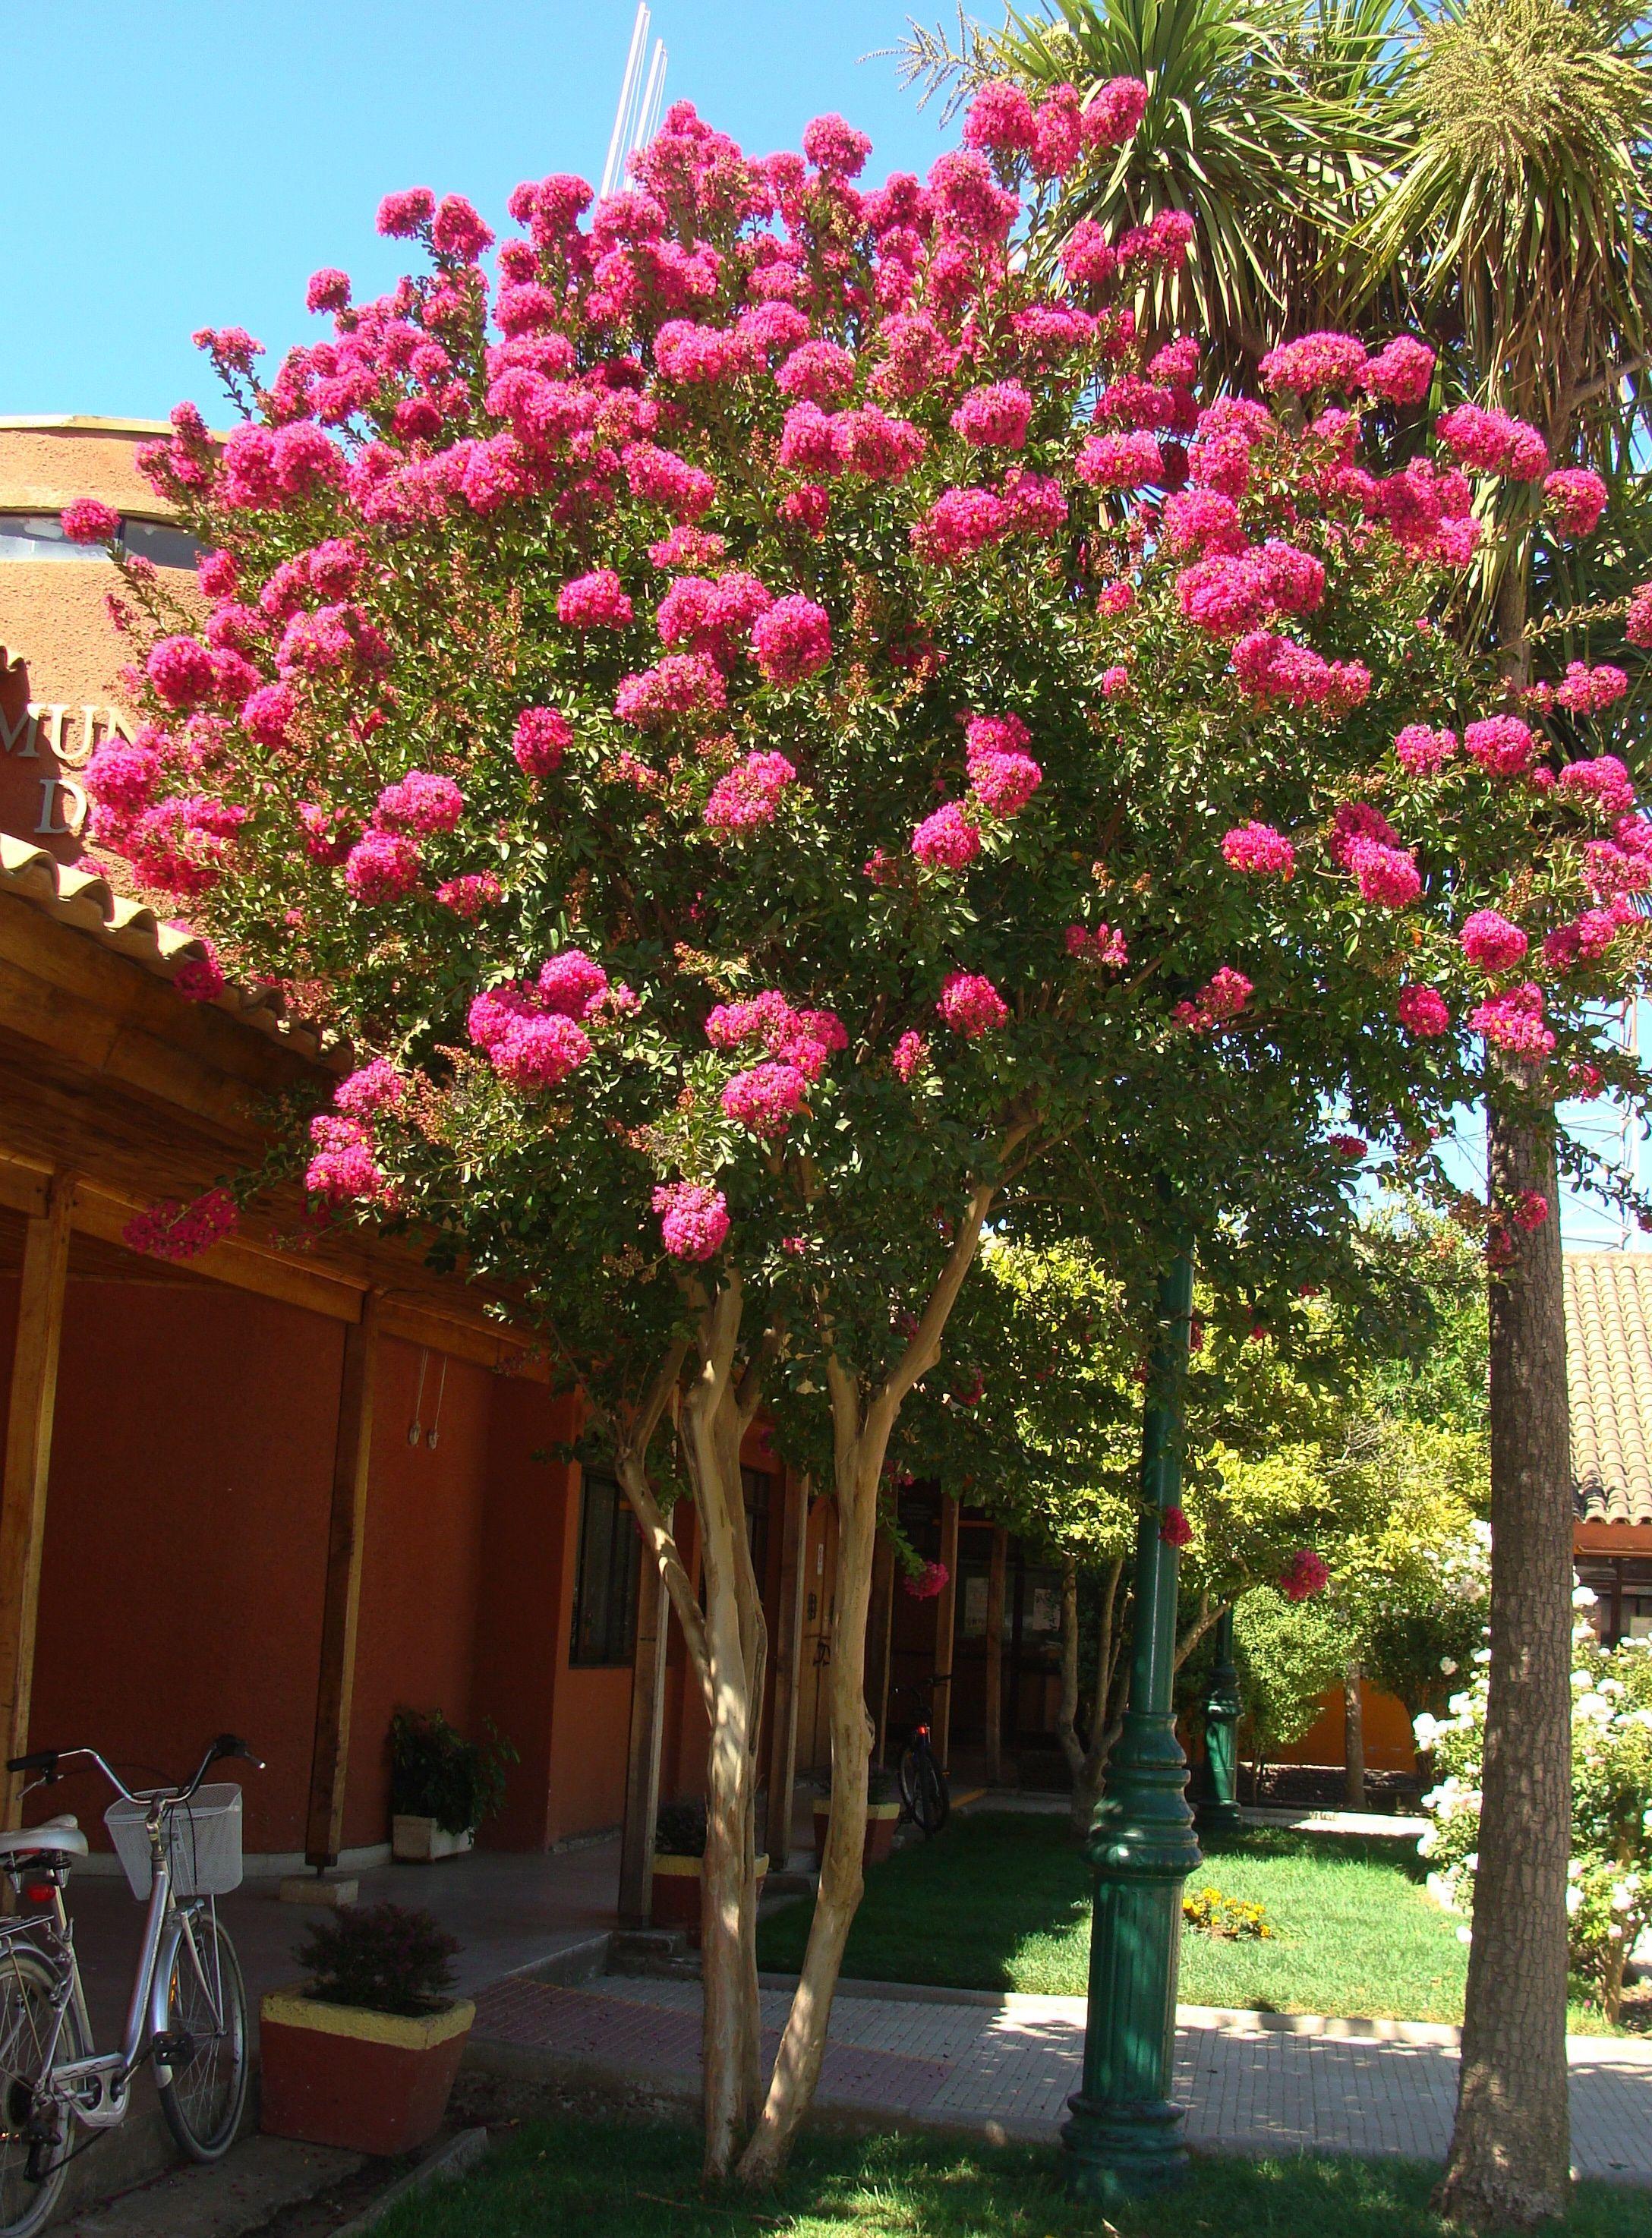 Crespon chile arboles nativos con feras frutales y mas for Arbustos ornamentales